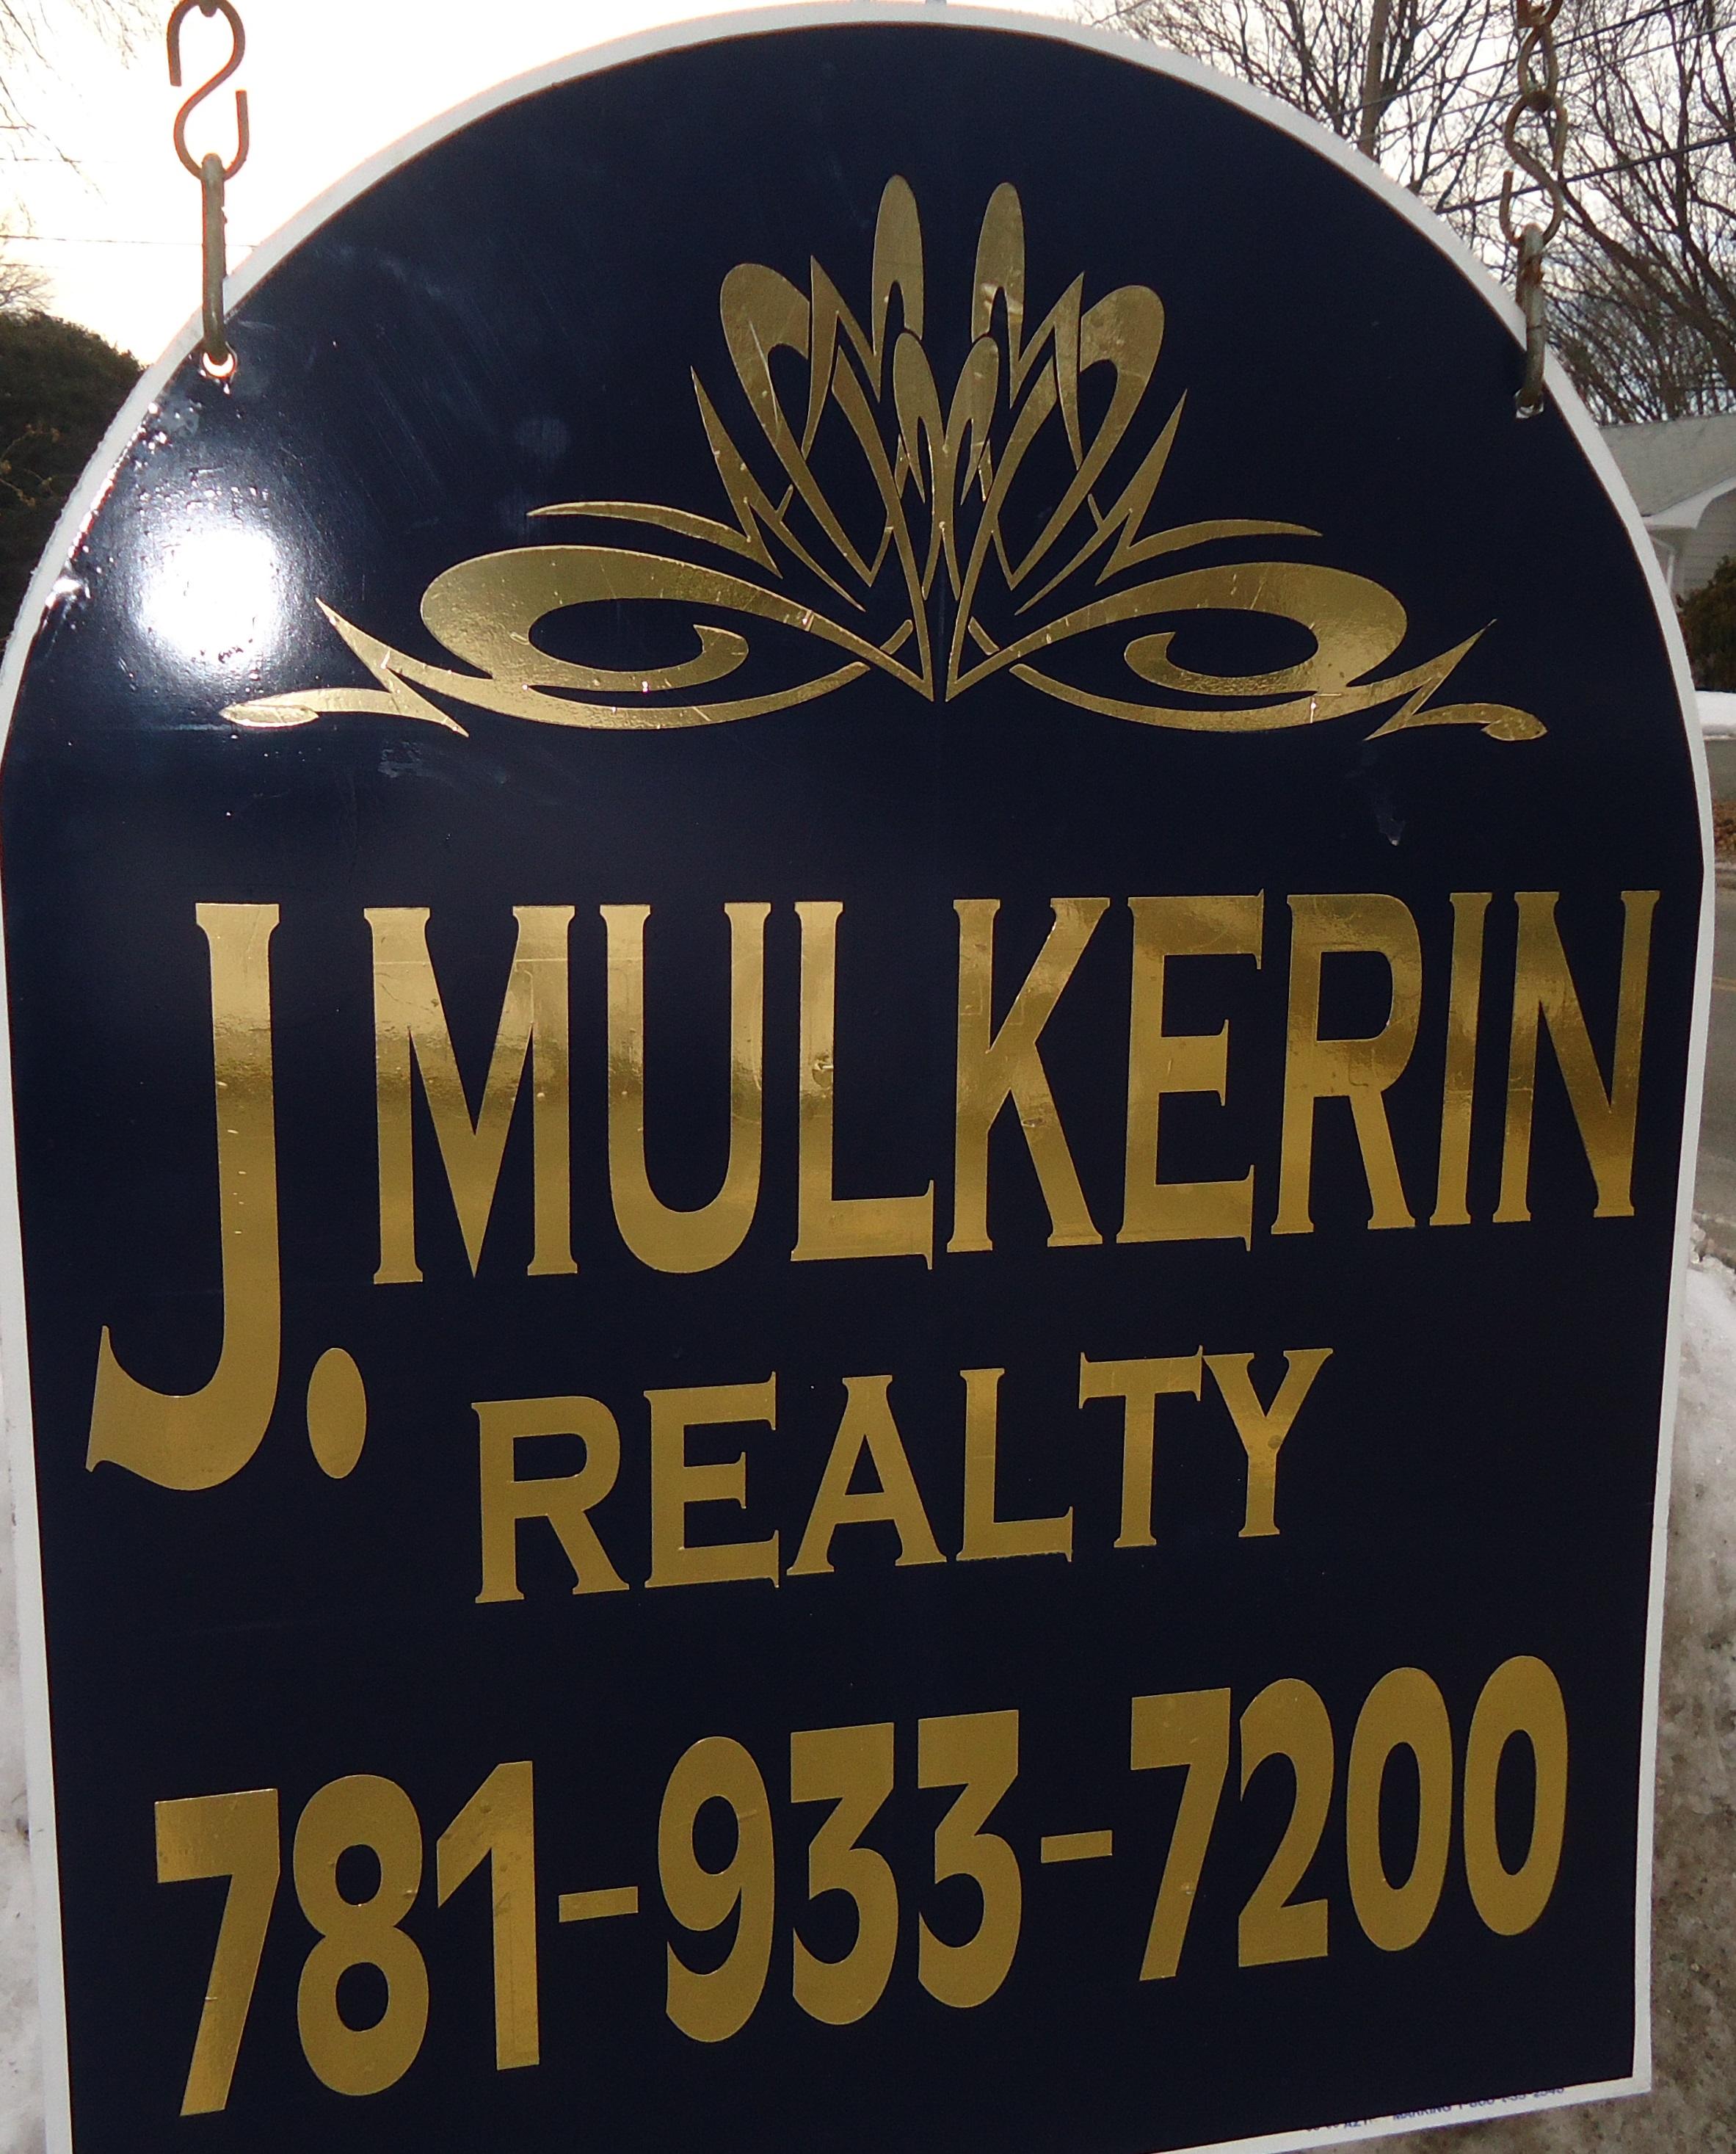 J. Mulkerin Realty